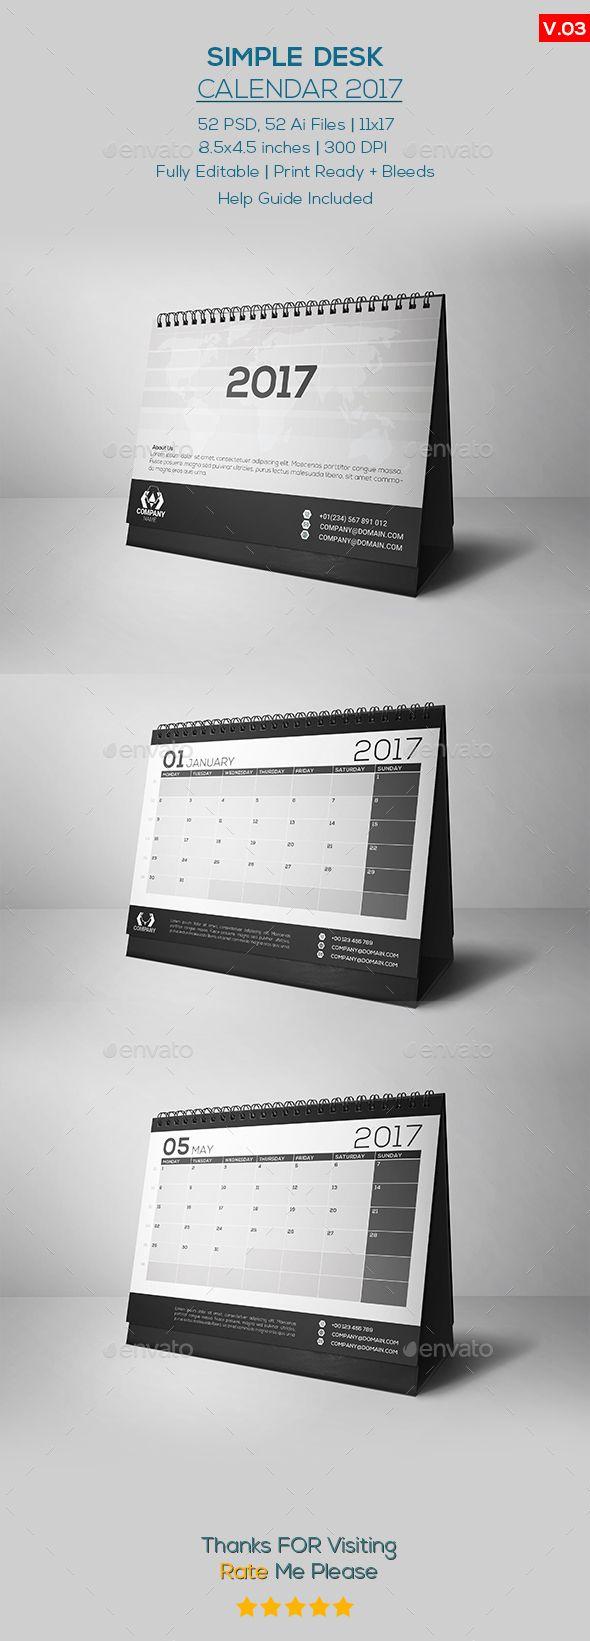 Simple Desk Calendar 2018+2017   Ai illustrator, Desk calendars ...